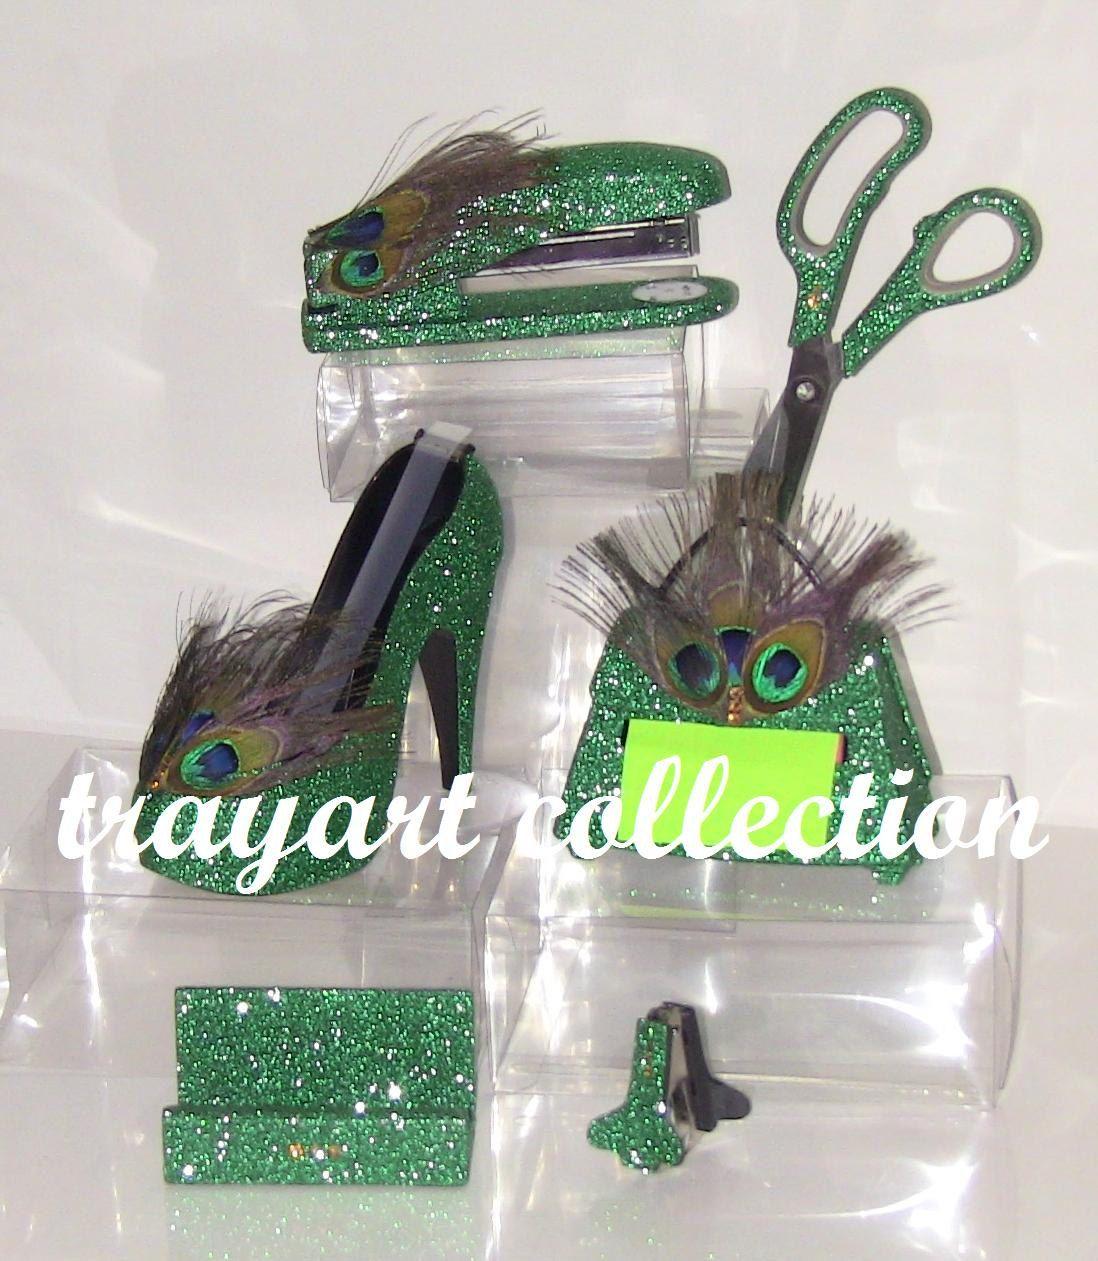 6pc Green Peacock Set, Stapler, Scissors, High Heel Tape Dispenser, Purse  Pop